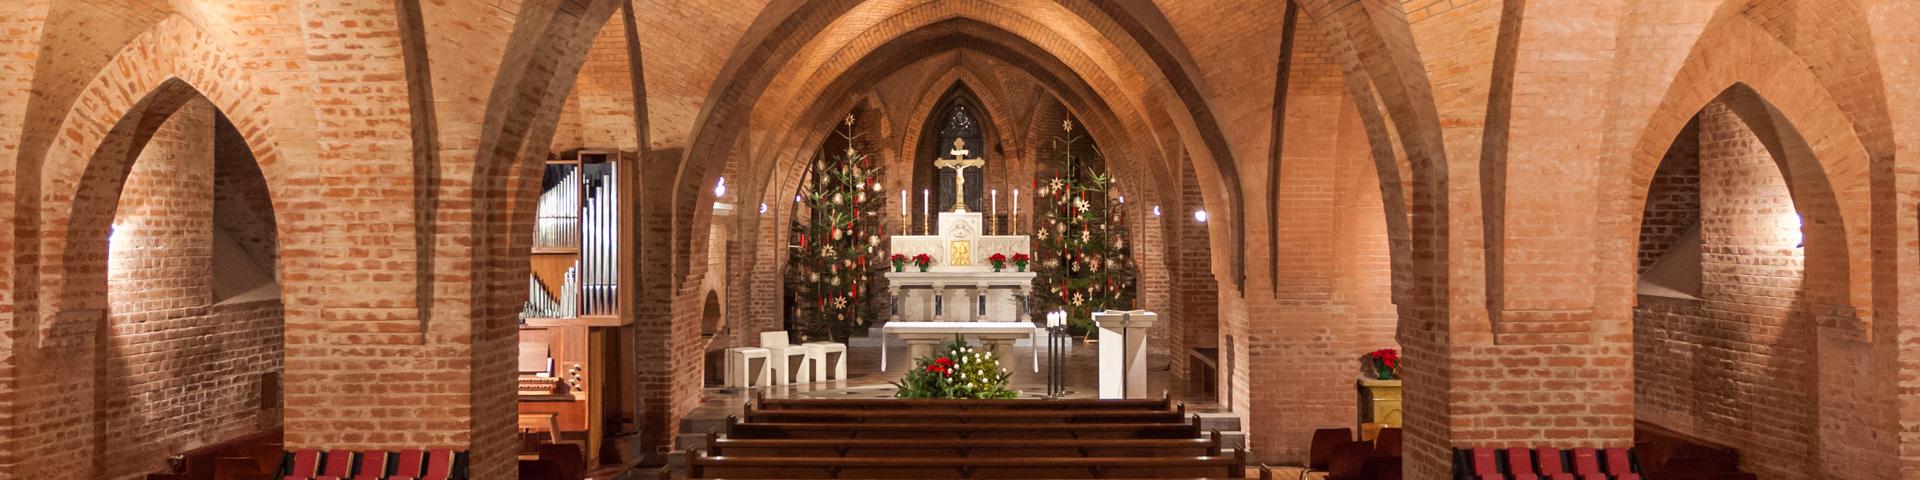 Willkommen auf der Webseite der Pfarre Graz-Herz-Jesu